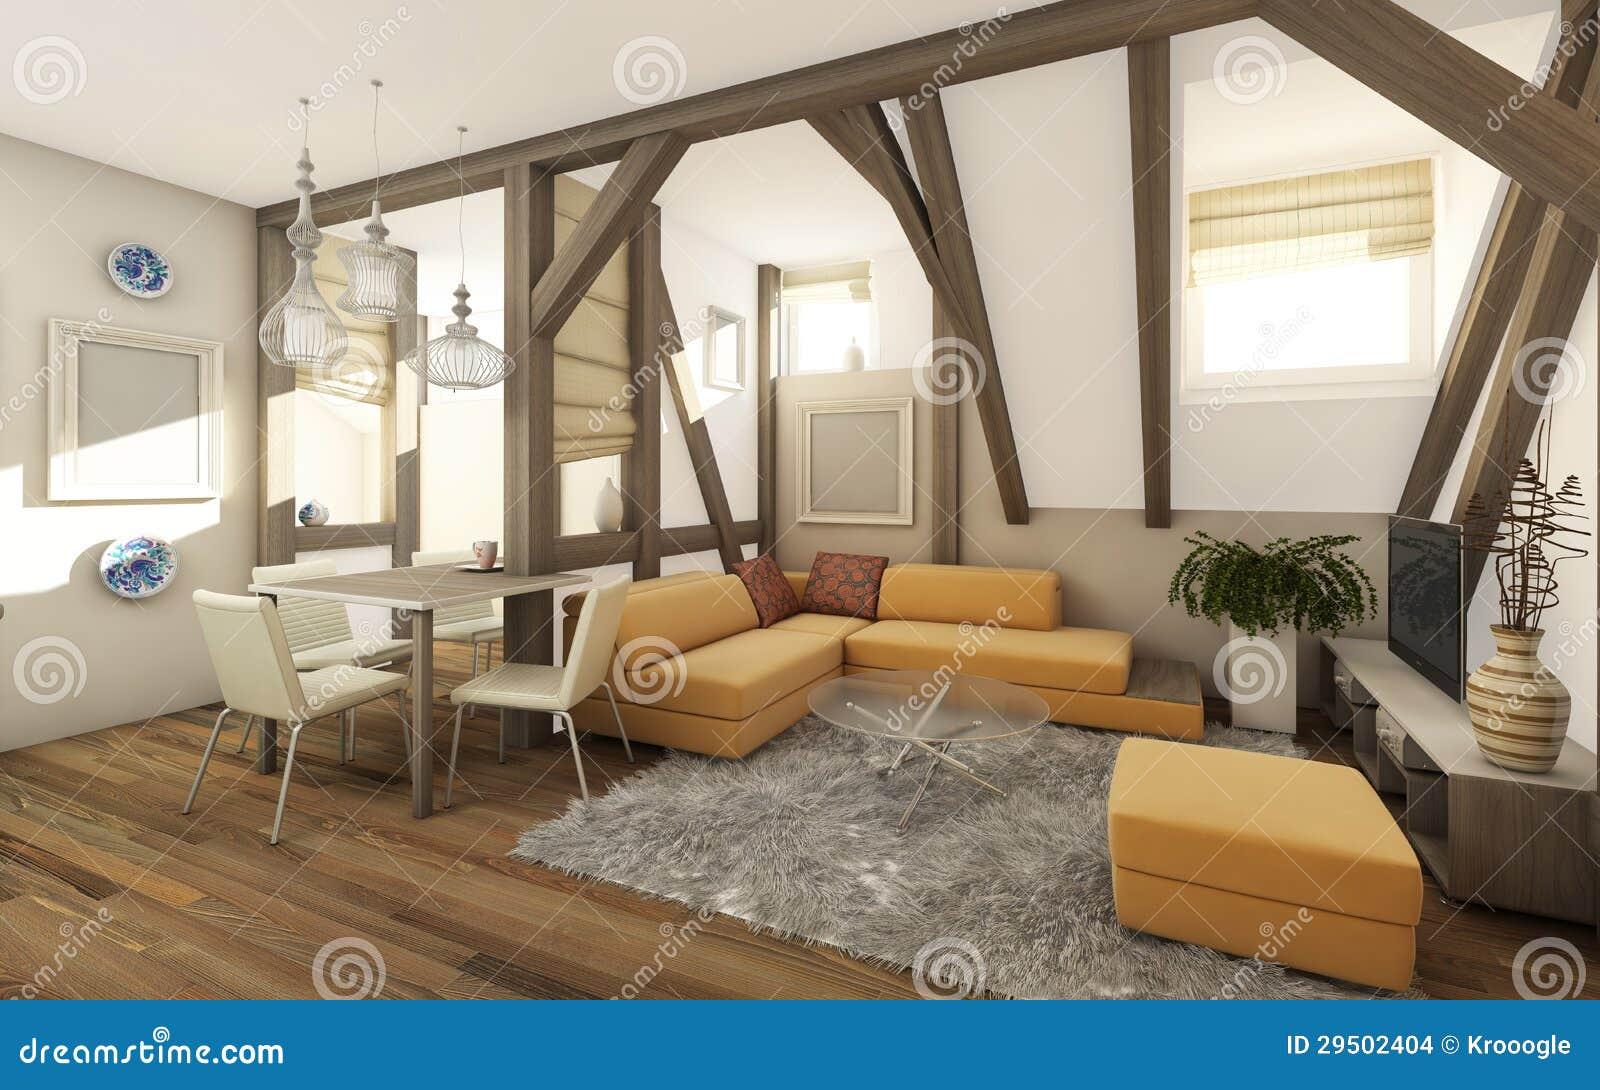 De zolder van de woonkamer stock afbeeldingen afbeelding 29502404 - Decoratie zolder ...